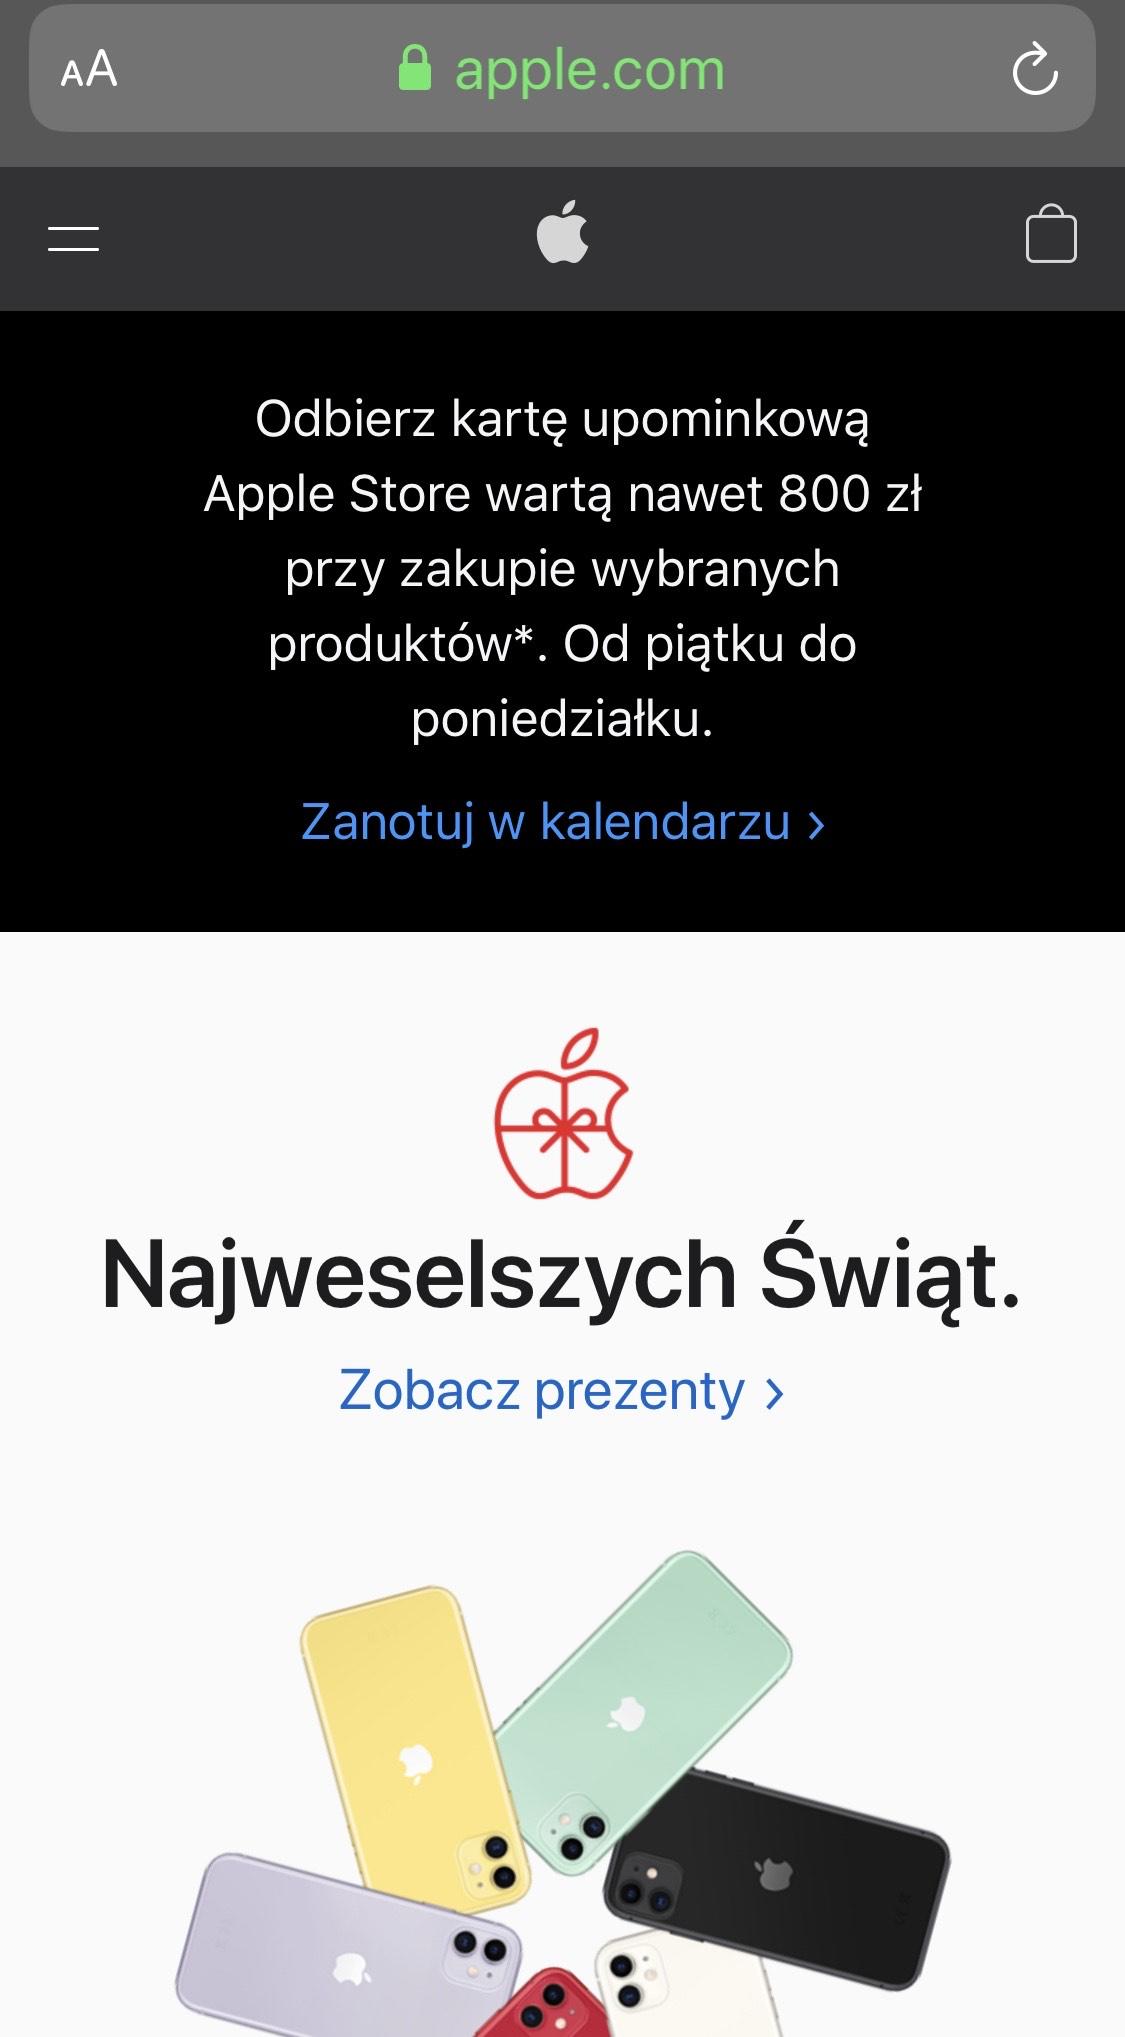 Karta upominkowa do 800 zł w Apple